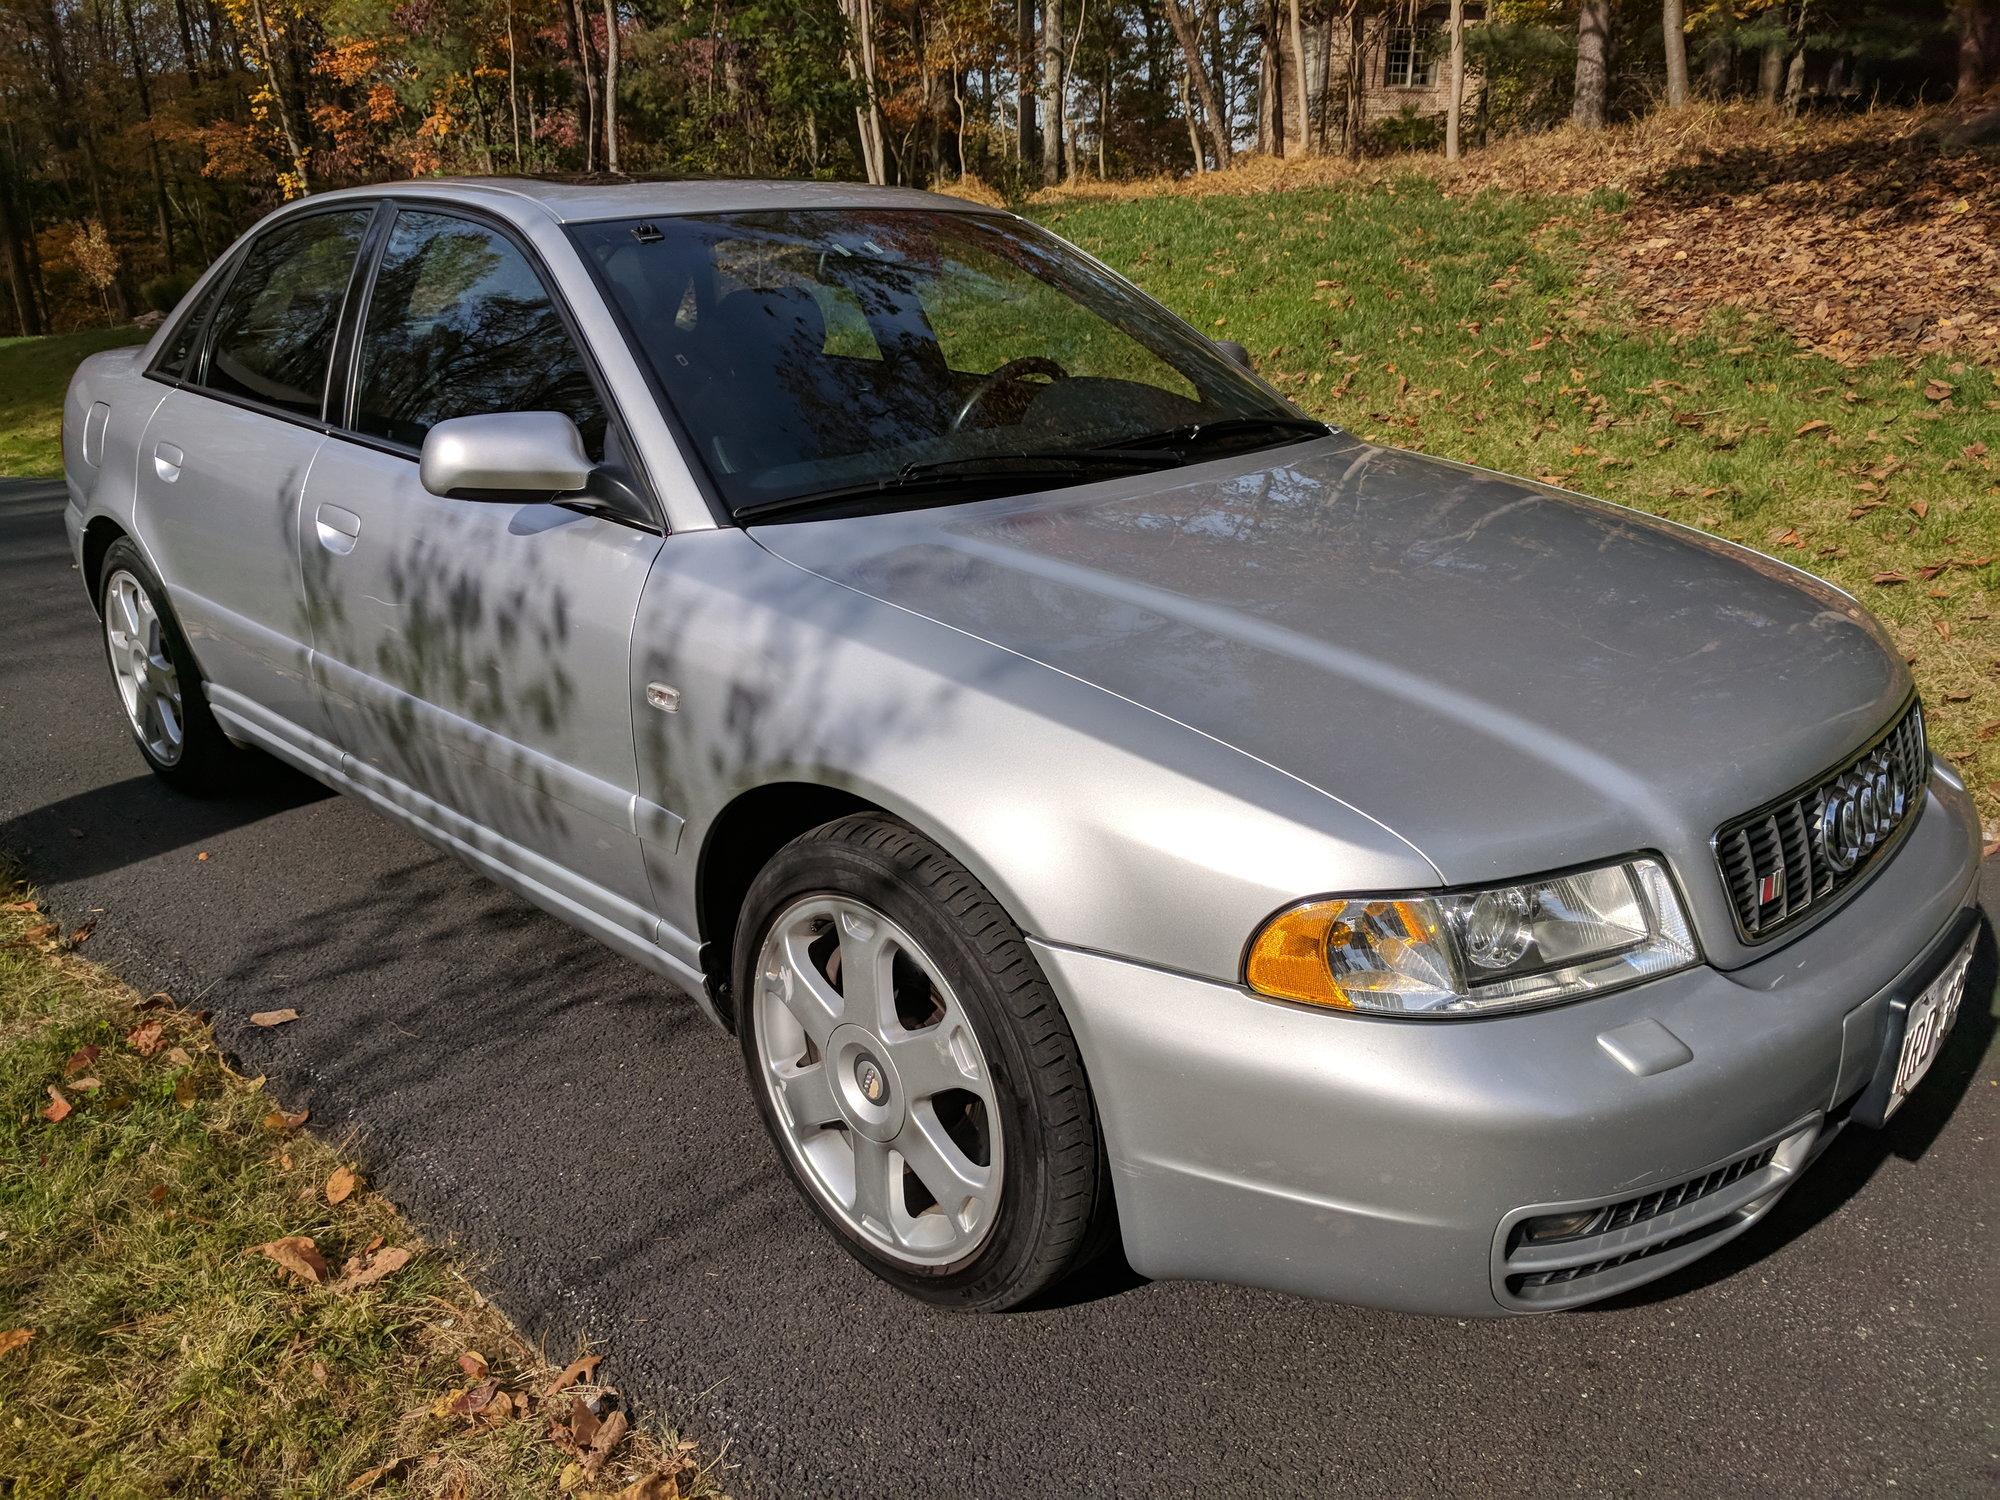 Audi A4 FS in MD: 2000 Audi B5 S4 Quattro $2,500 ...